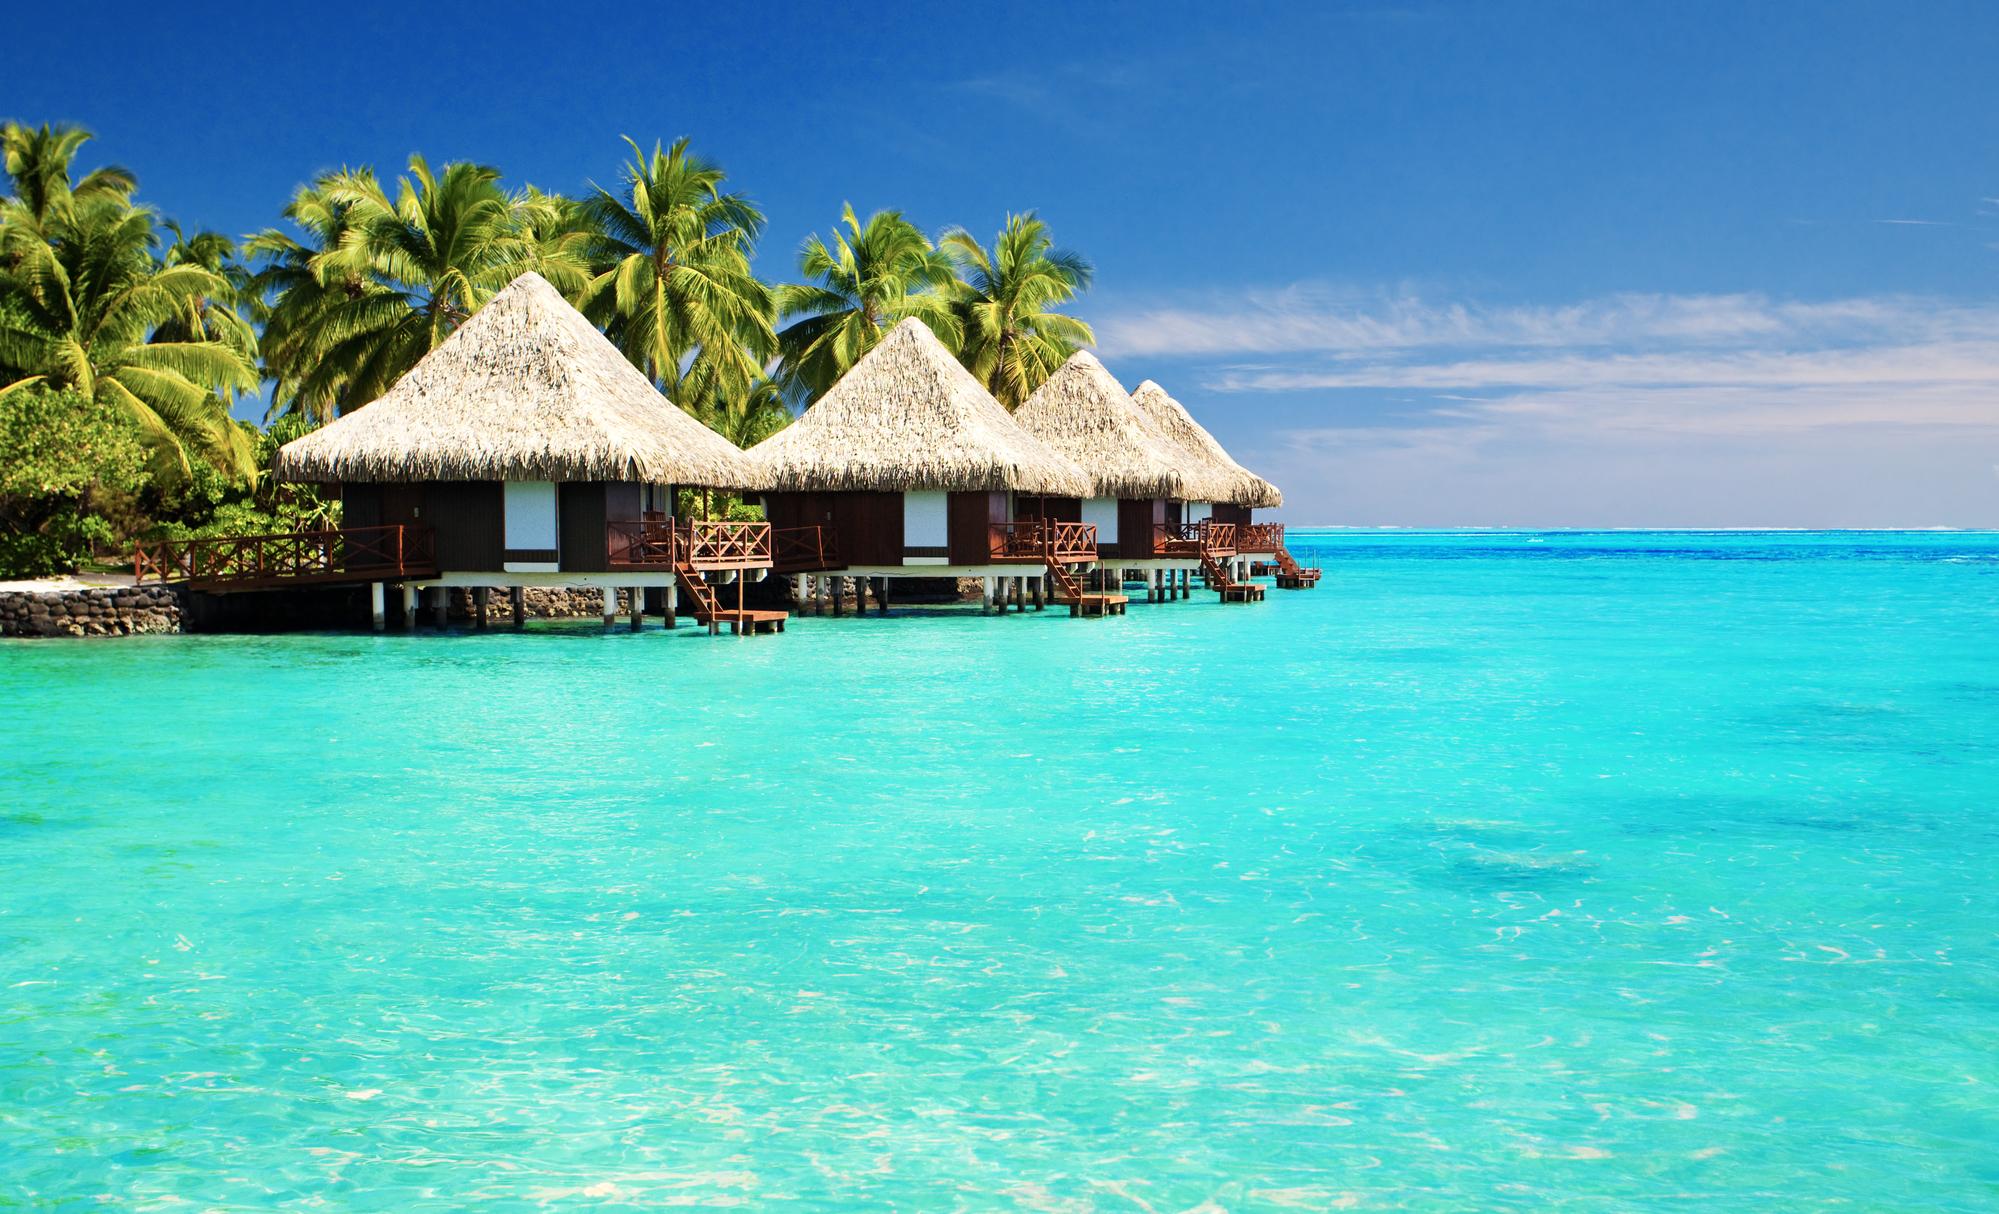 PARC C.E.O. OFF TO THE SOLOMON ISLANDS